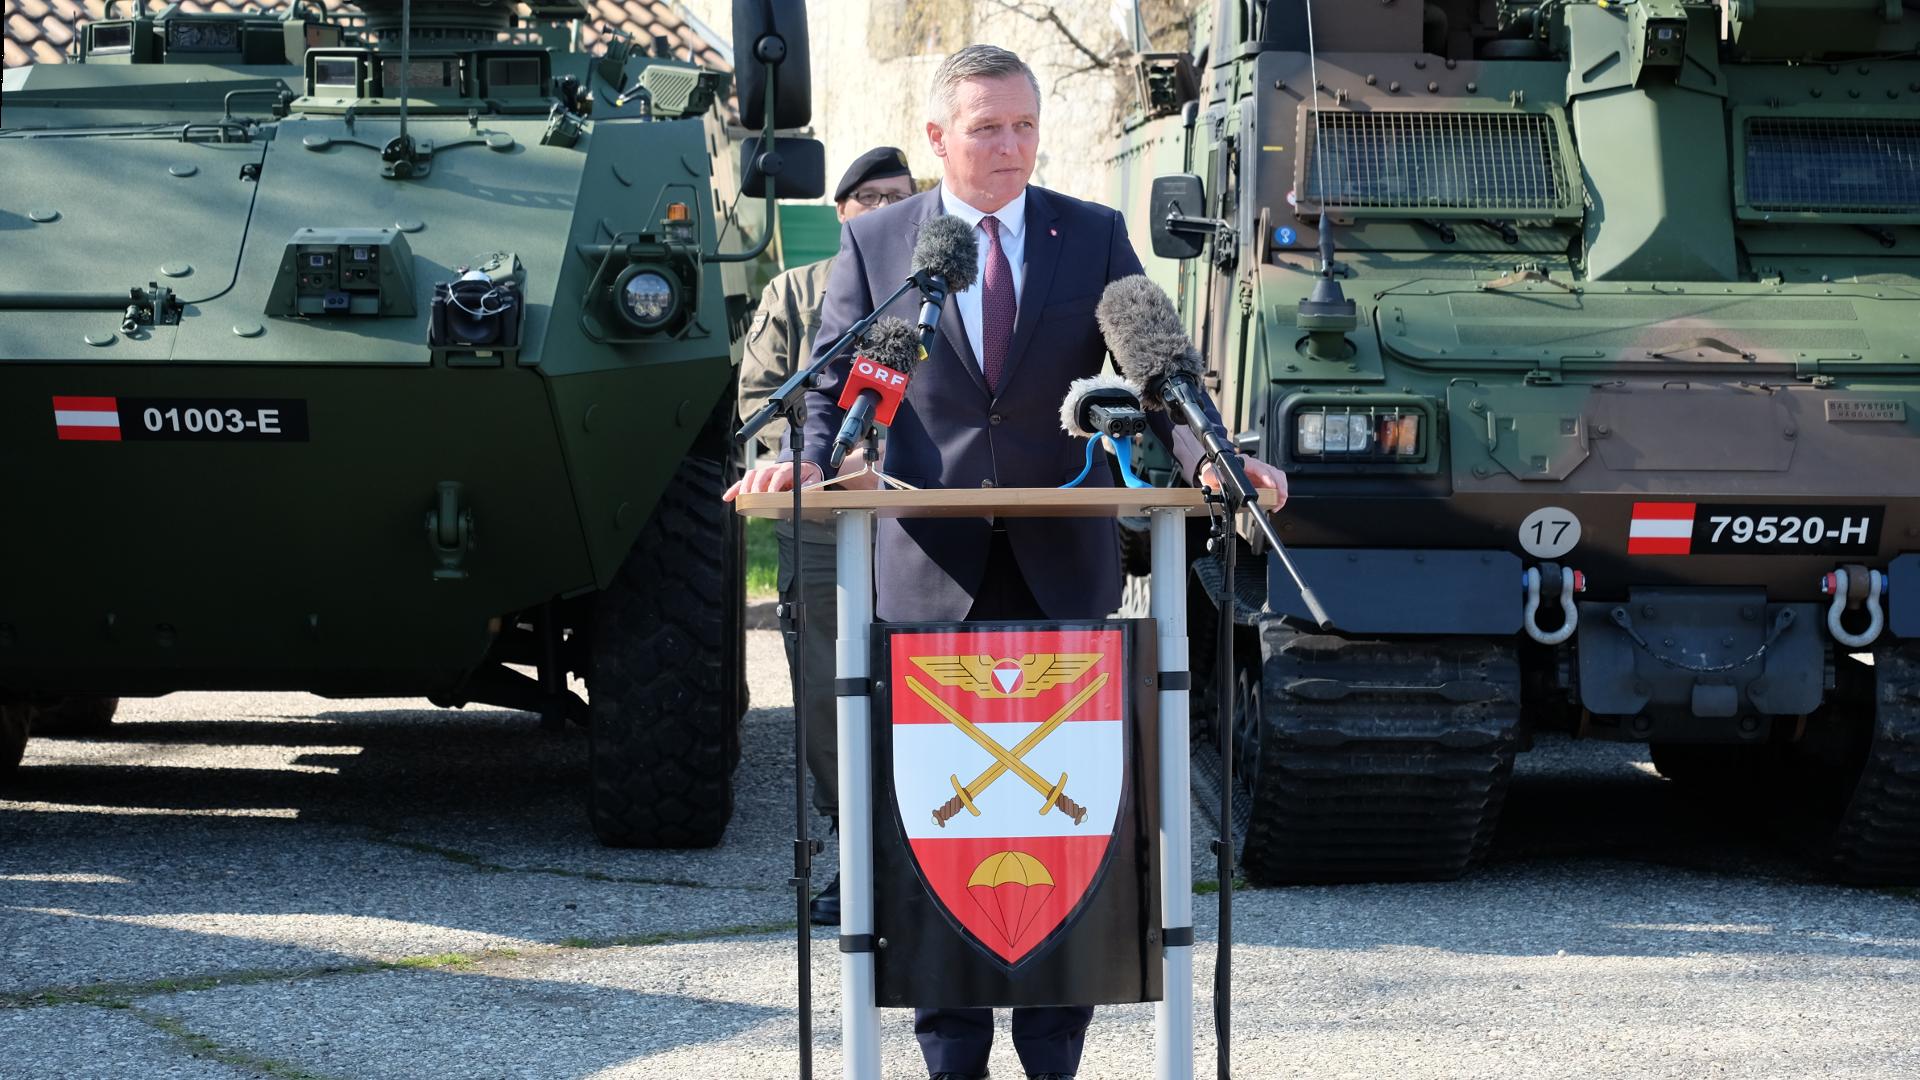 Kunasek-Landtag-Steiermark-Graz-Neuwahl-Belgier Kaserne-Bundesheer-Verteidigungsminister